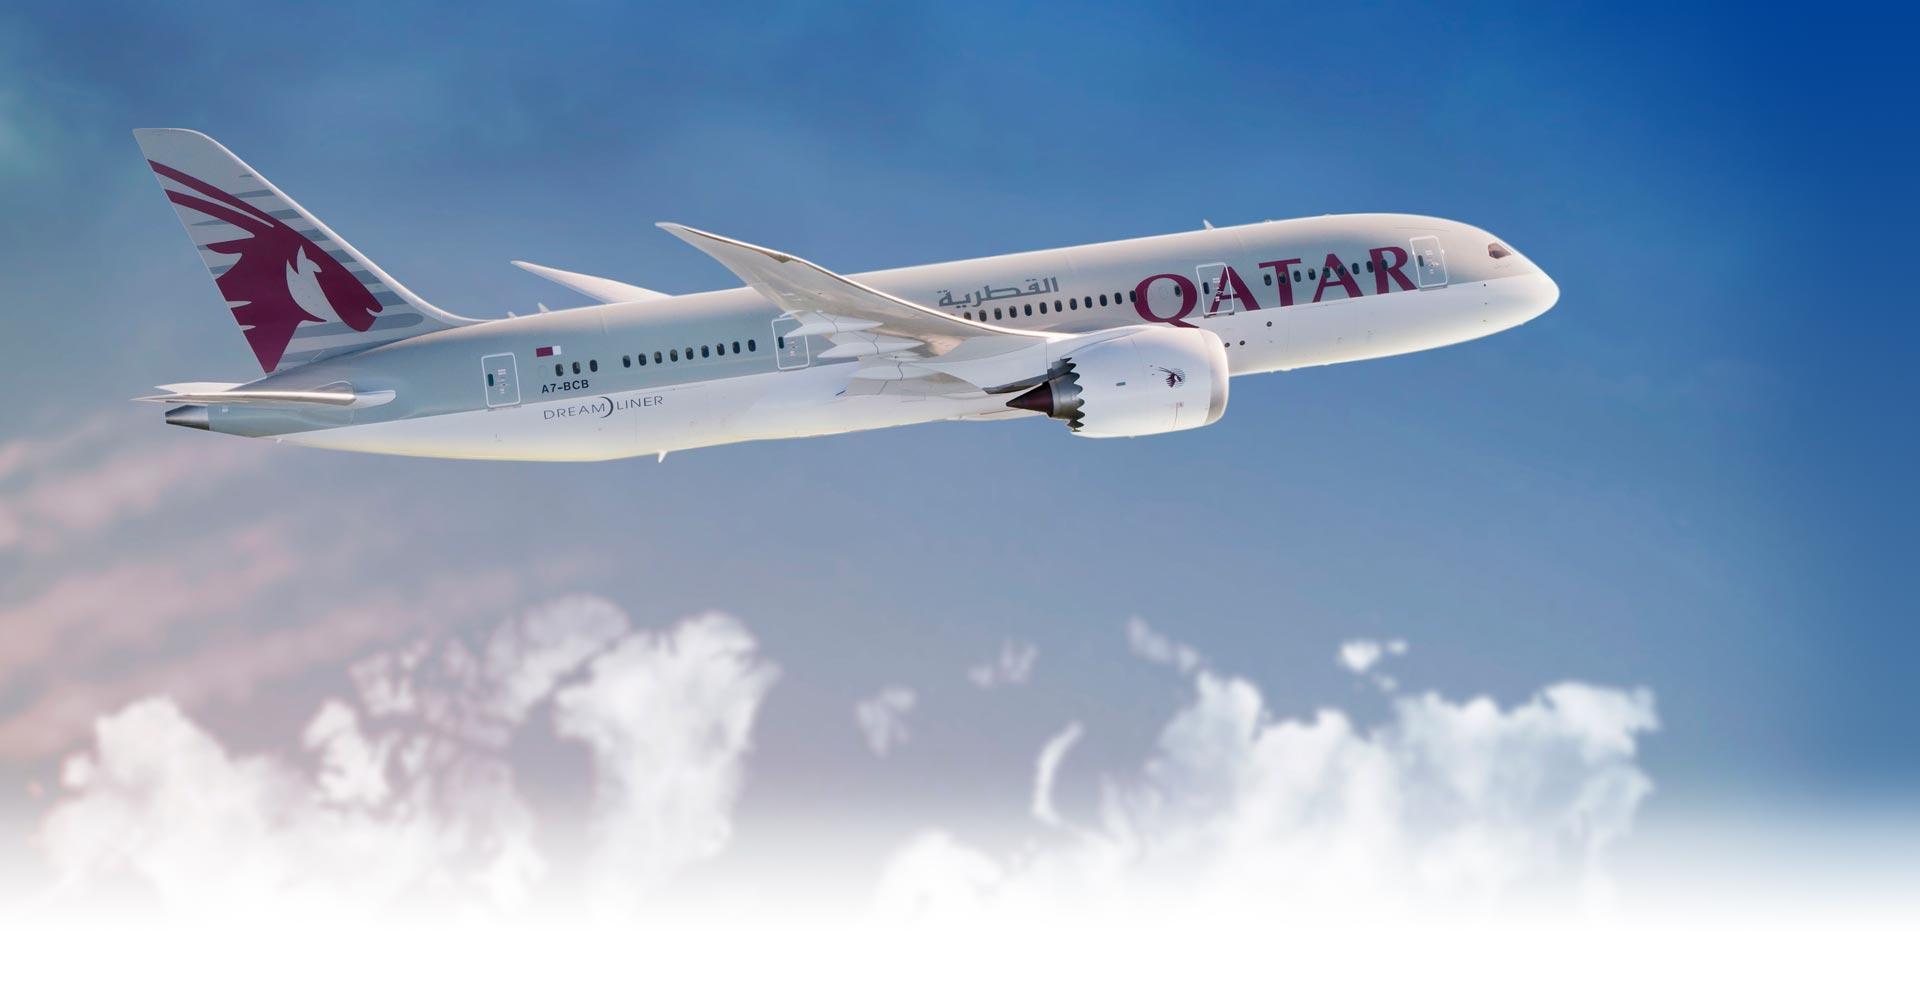 Qatar anunció un descuento del 10% para pasajes en Turista y un 15% en Ejecutiva